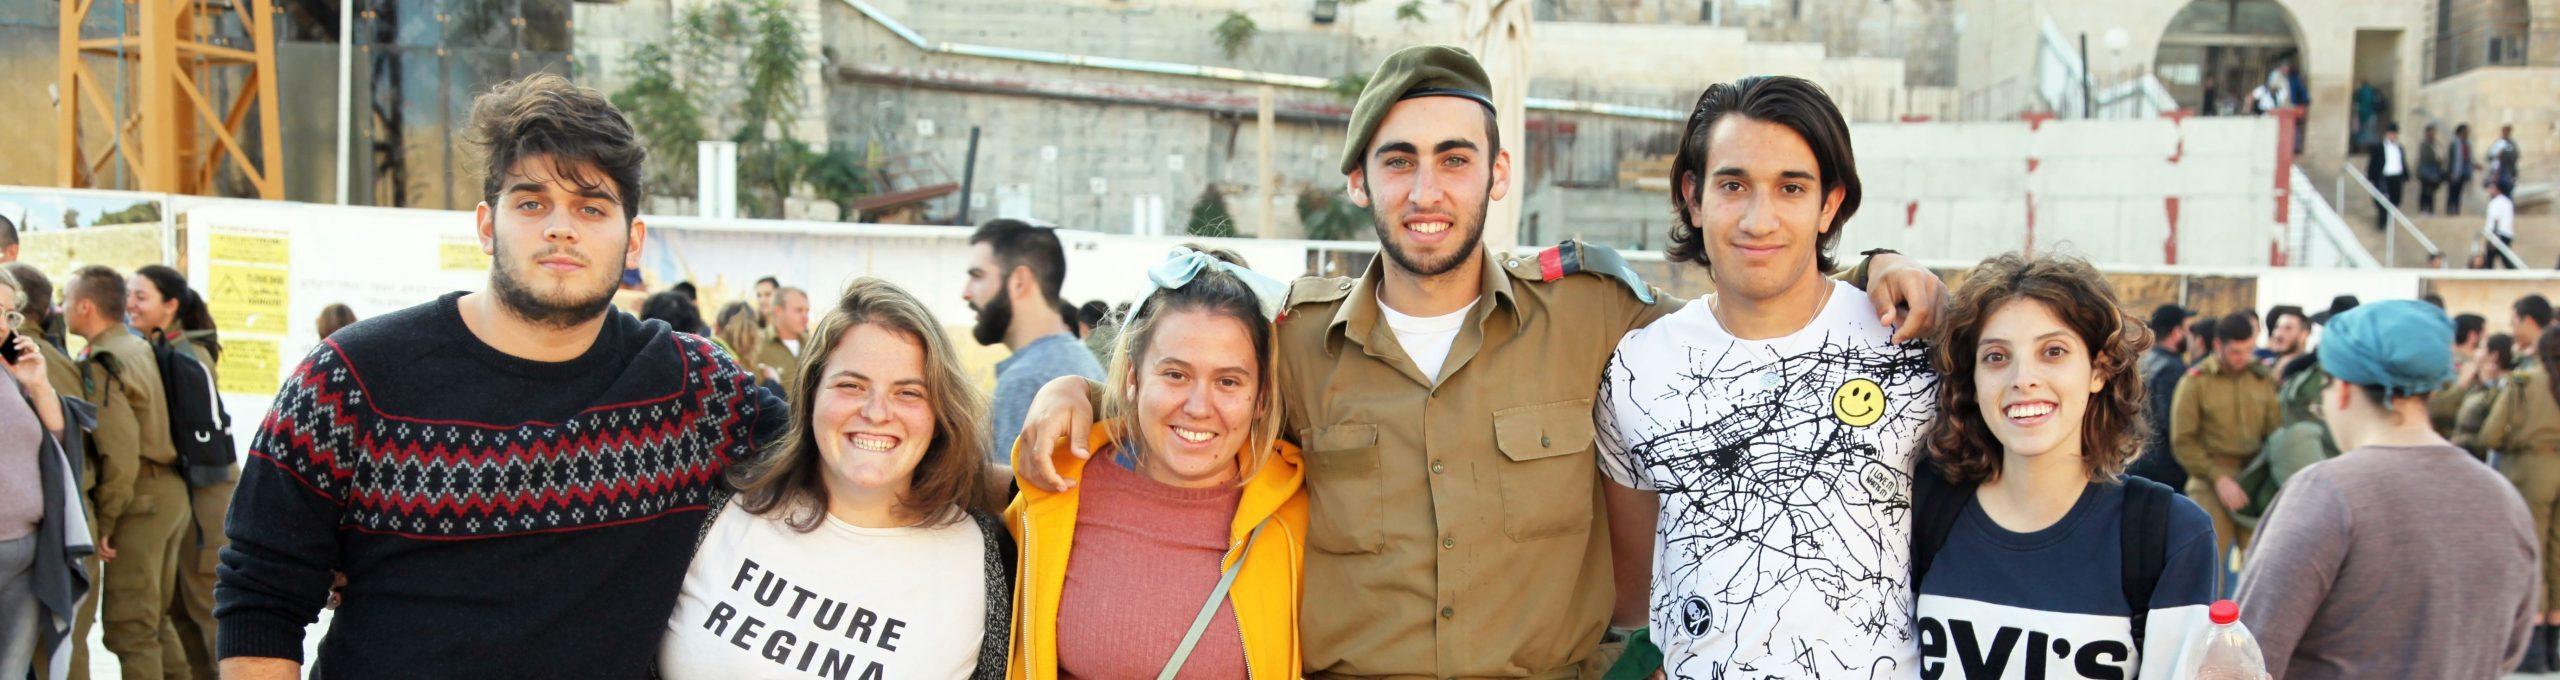 Israel Programs - Aardvark Israel